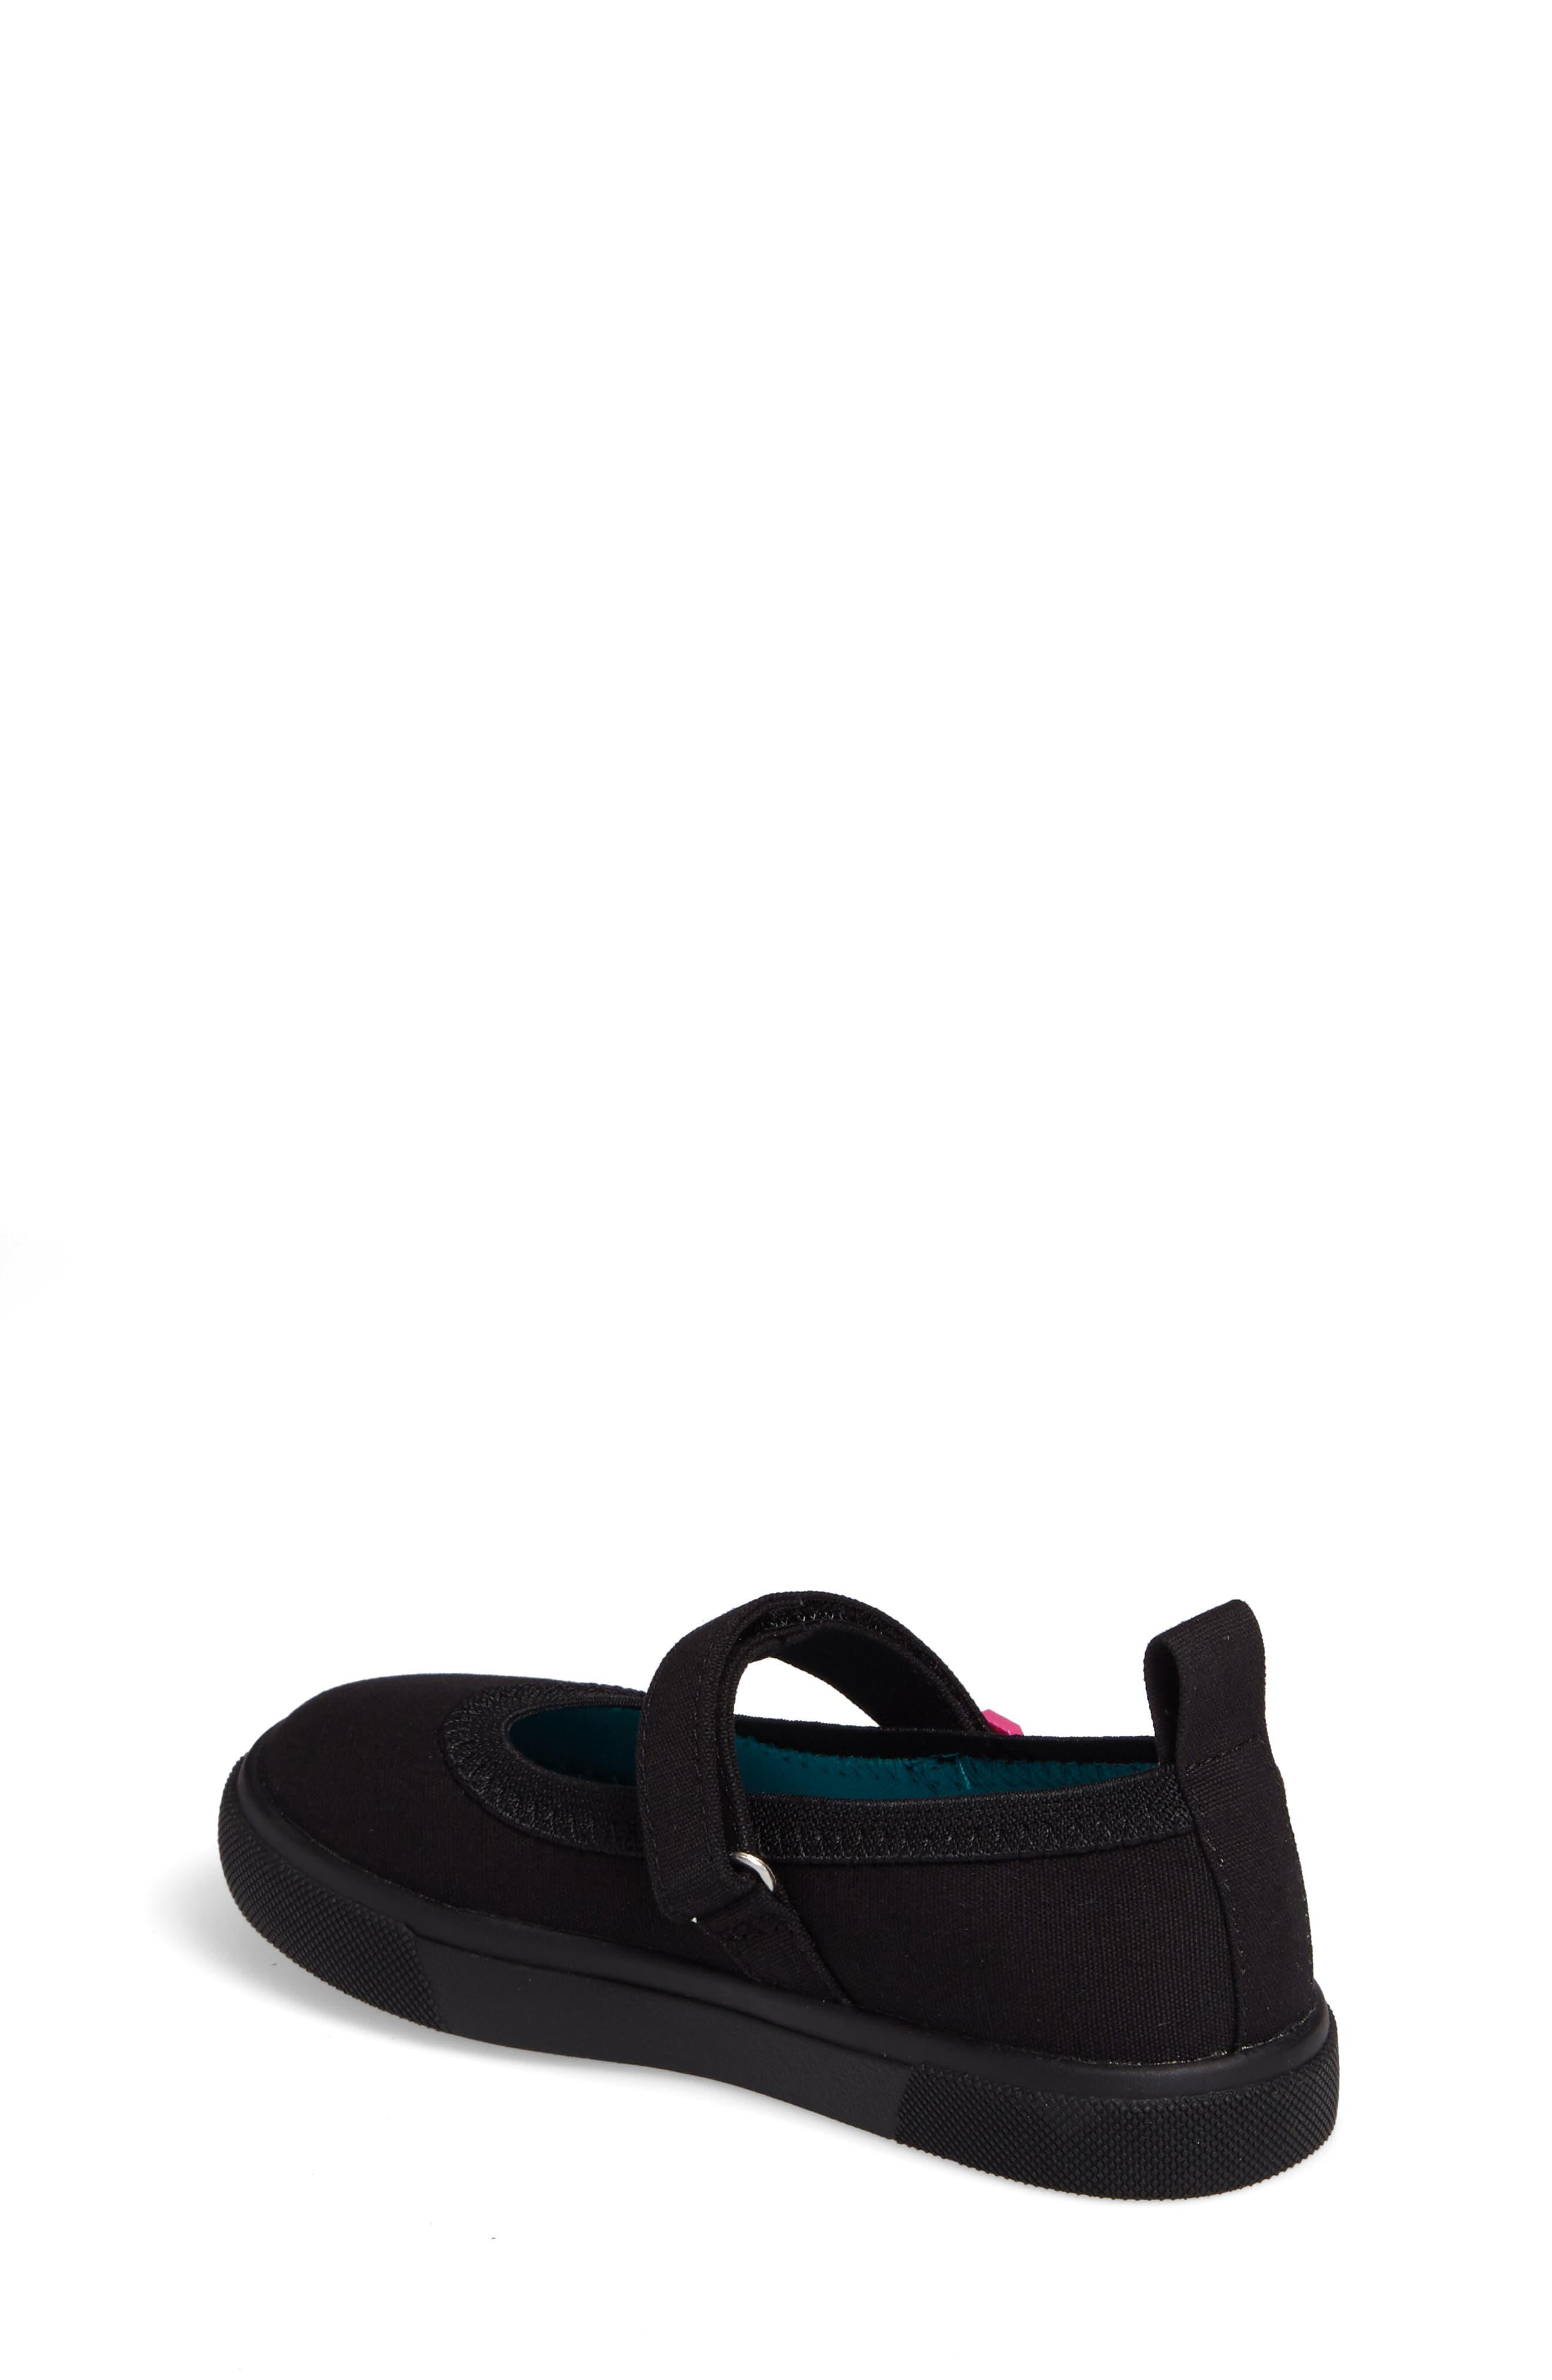 Skip Mary Jane Sneaker,                             Alternate thumbnail 2, color,                             016